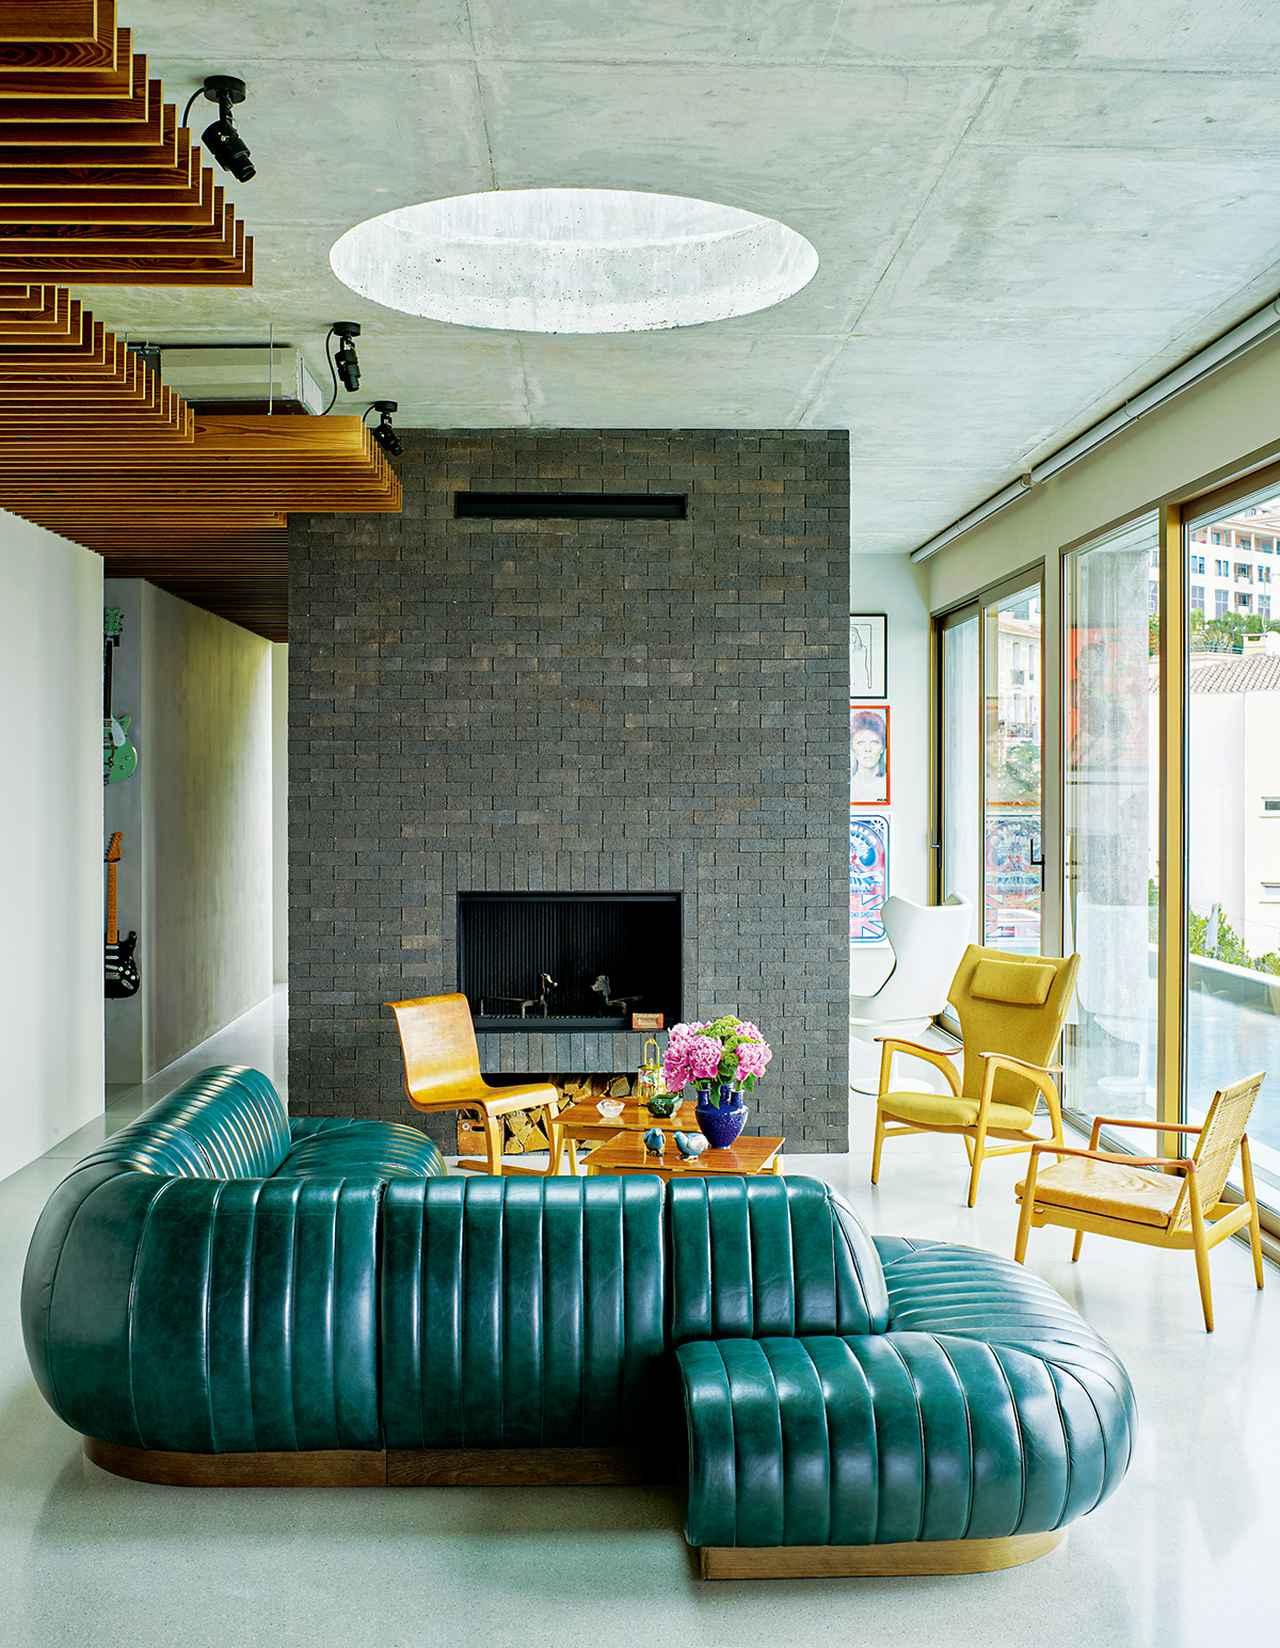 """Images : 5番目の画像 - 「モンテカルロを見下ろす トム・ディクソンの """"彫刻のごとき""""邸宅」のアルバム - T JAPAN:The New York Times Style Magazine 公式サイト"""